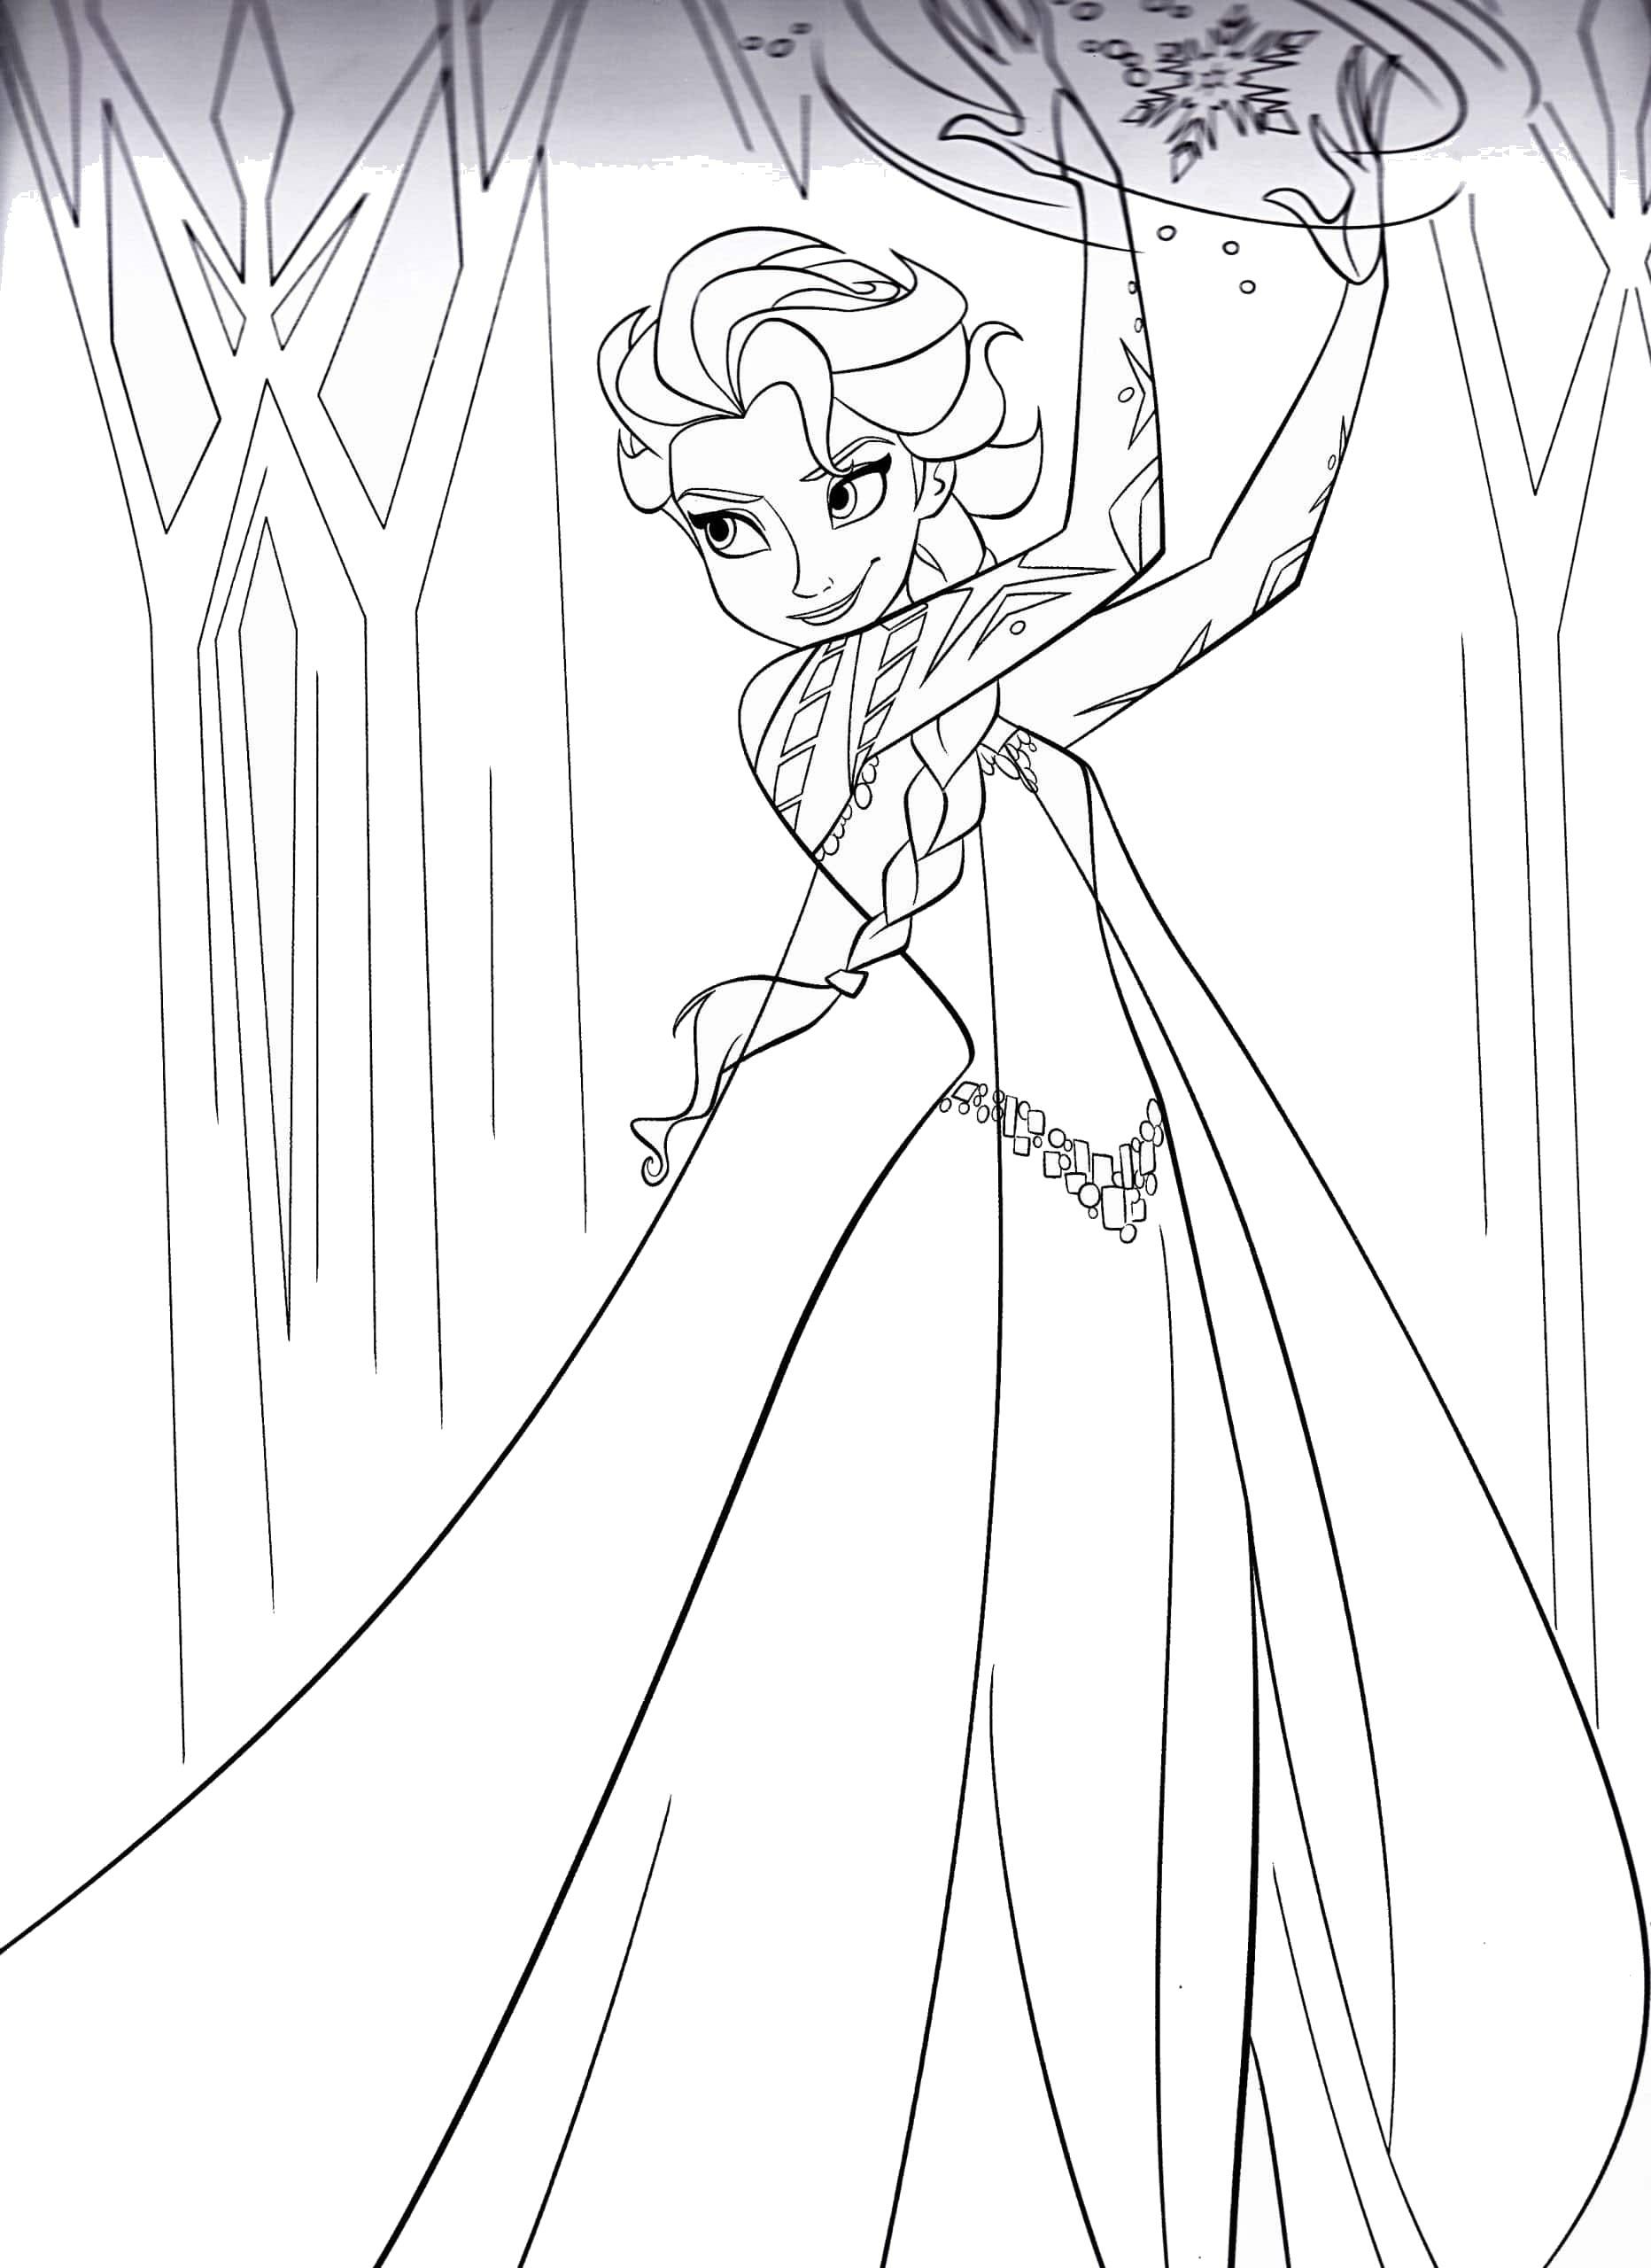 Tranh tô màu công chúa Elsa xinh lung linh